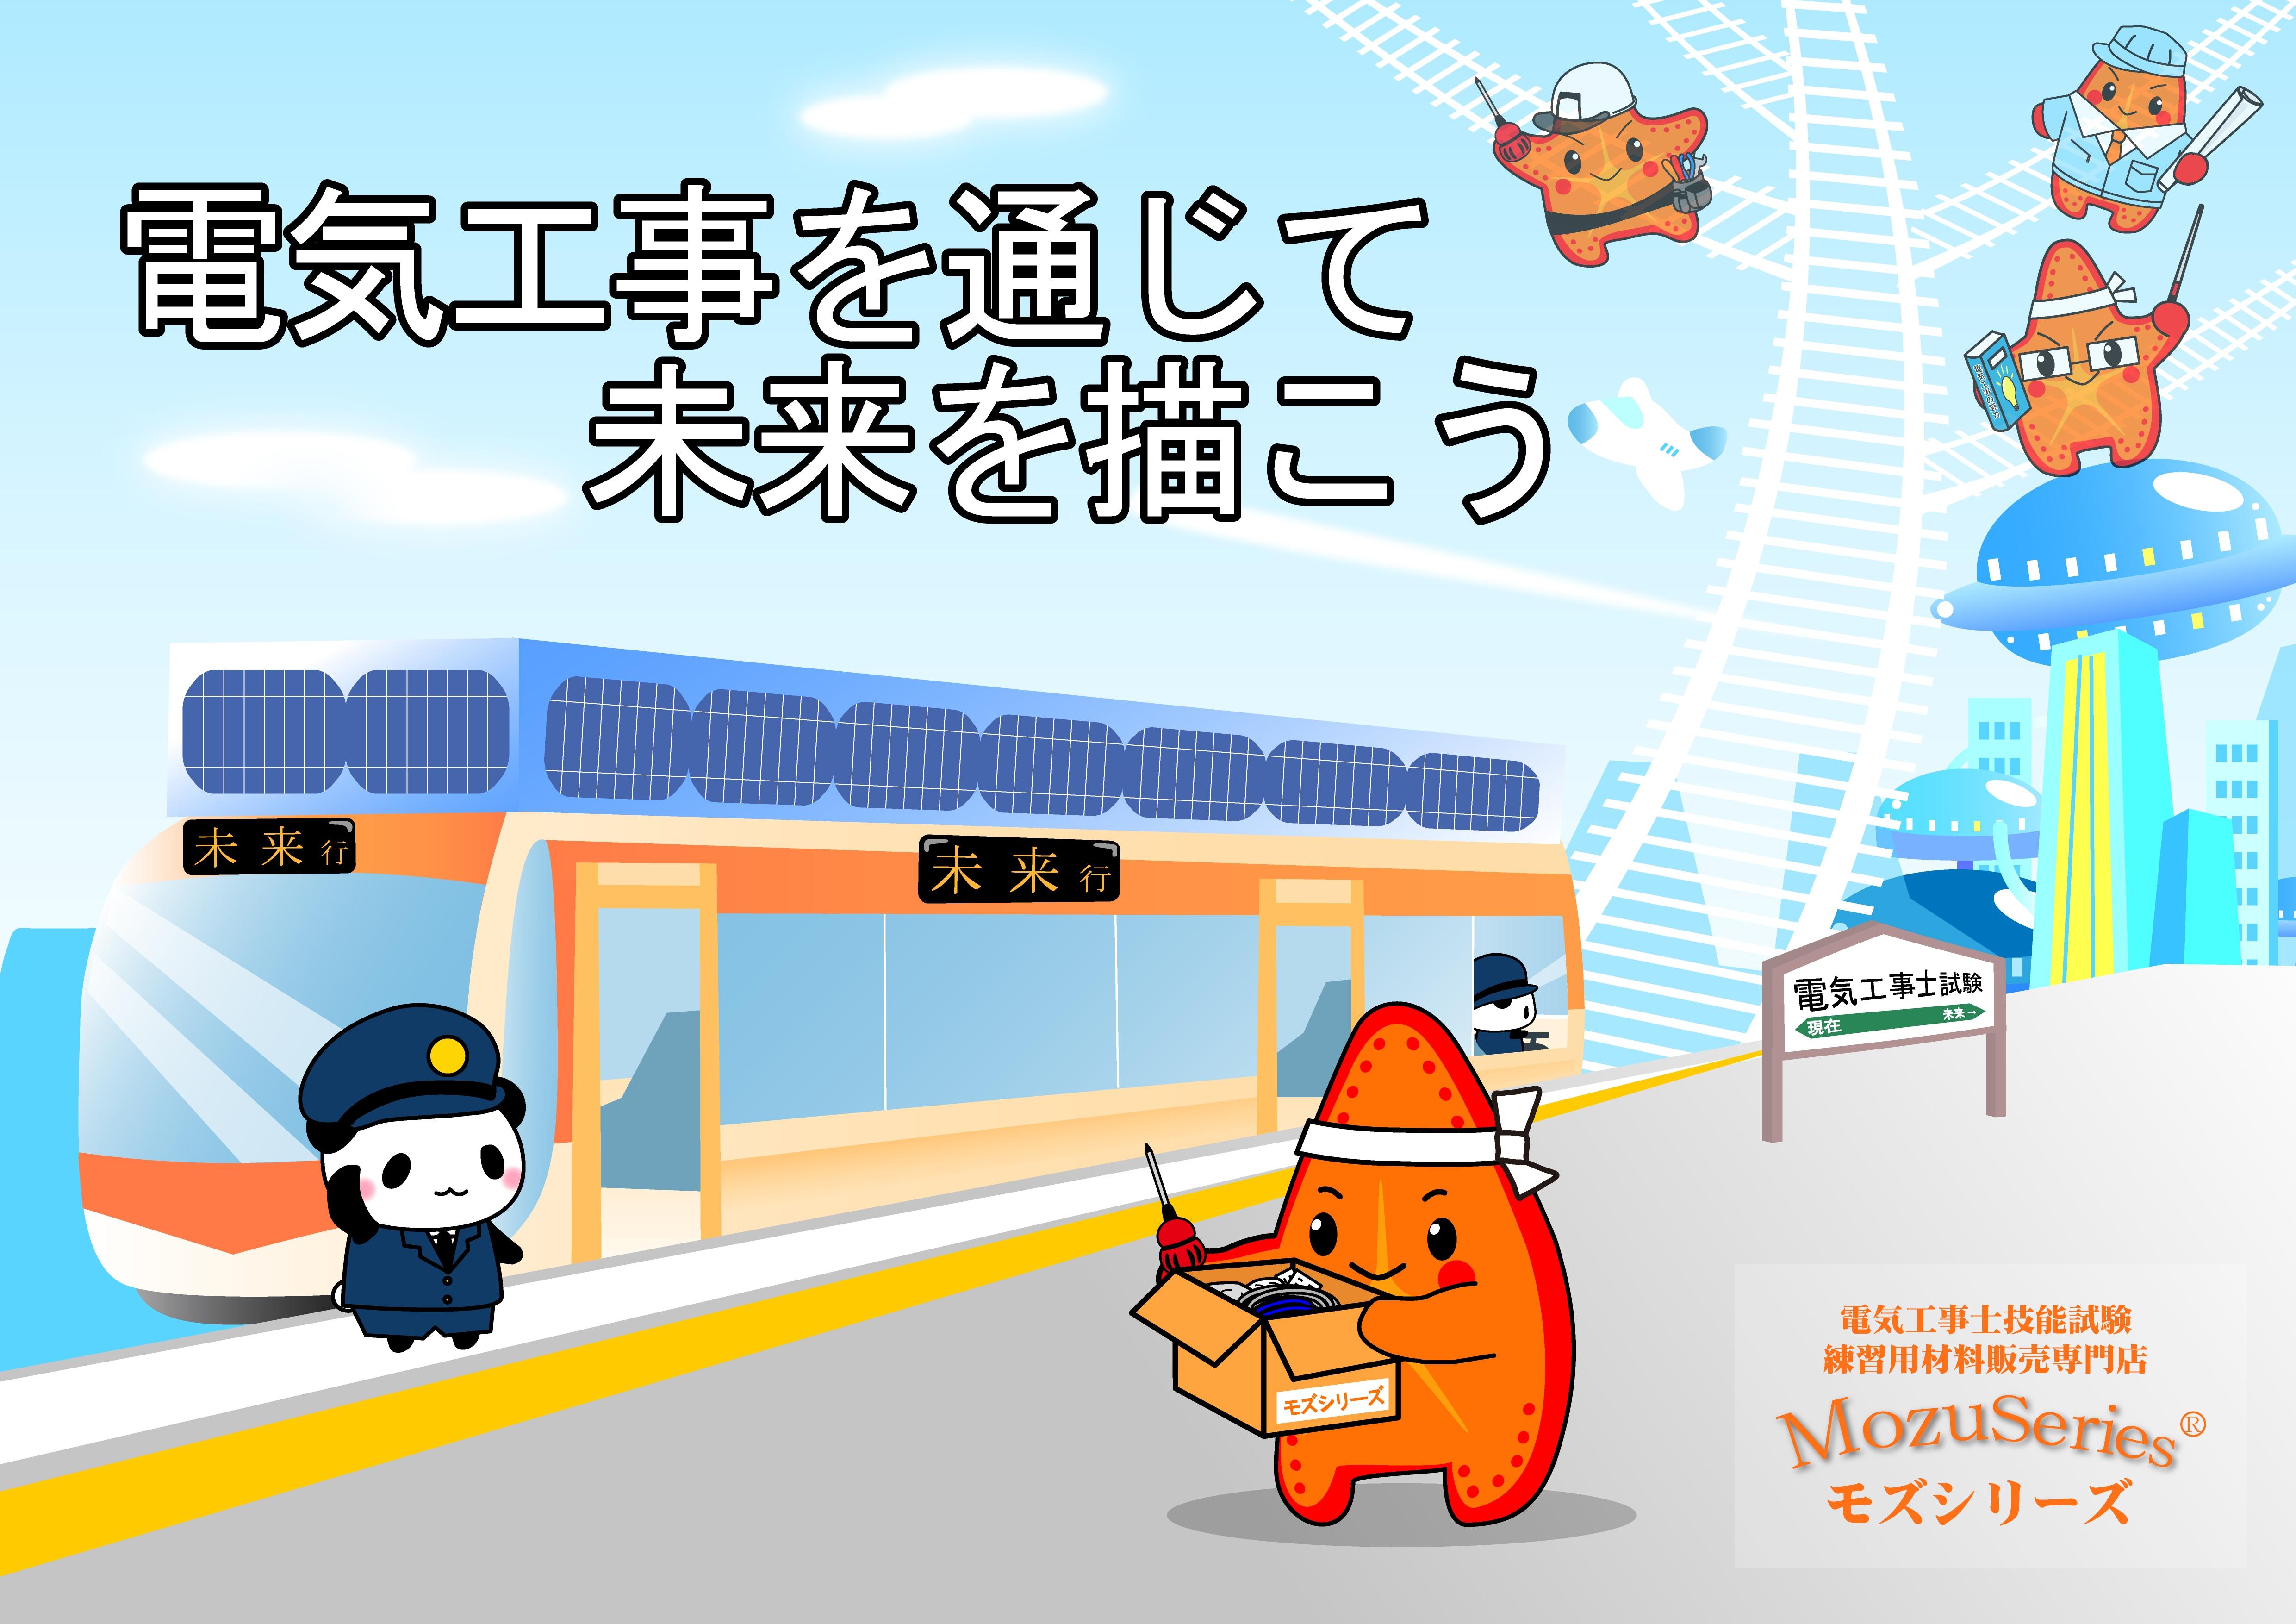 モズシリーズ・コンセプトイラスト2